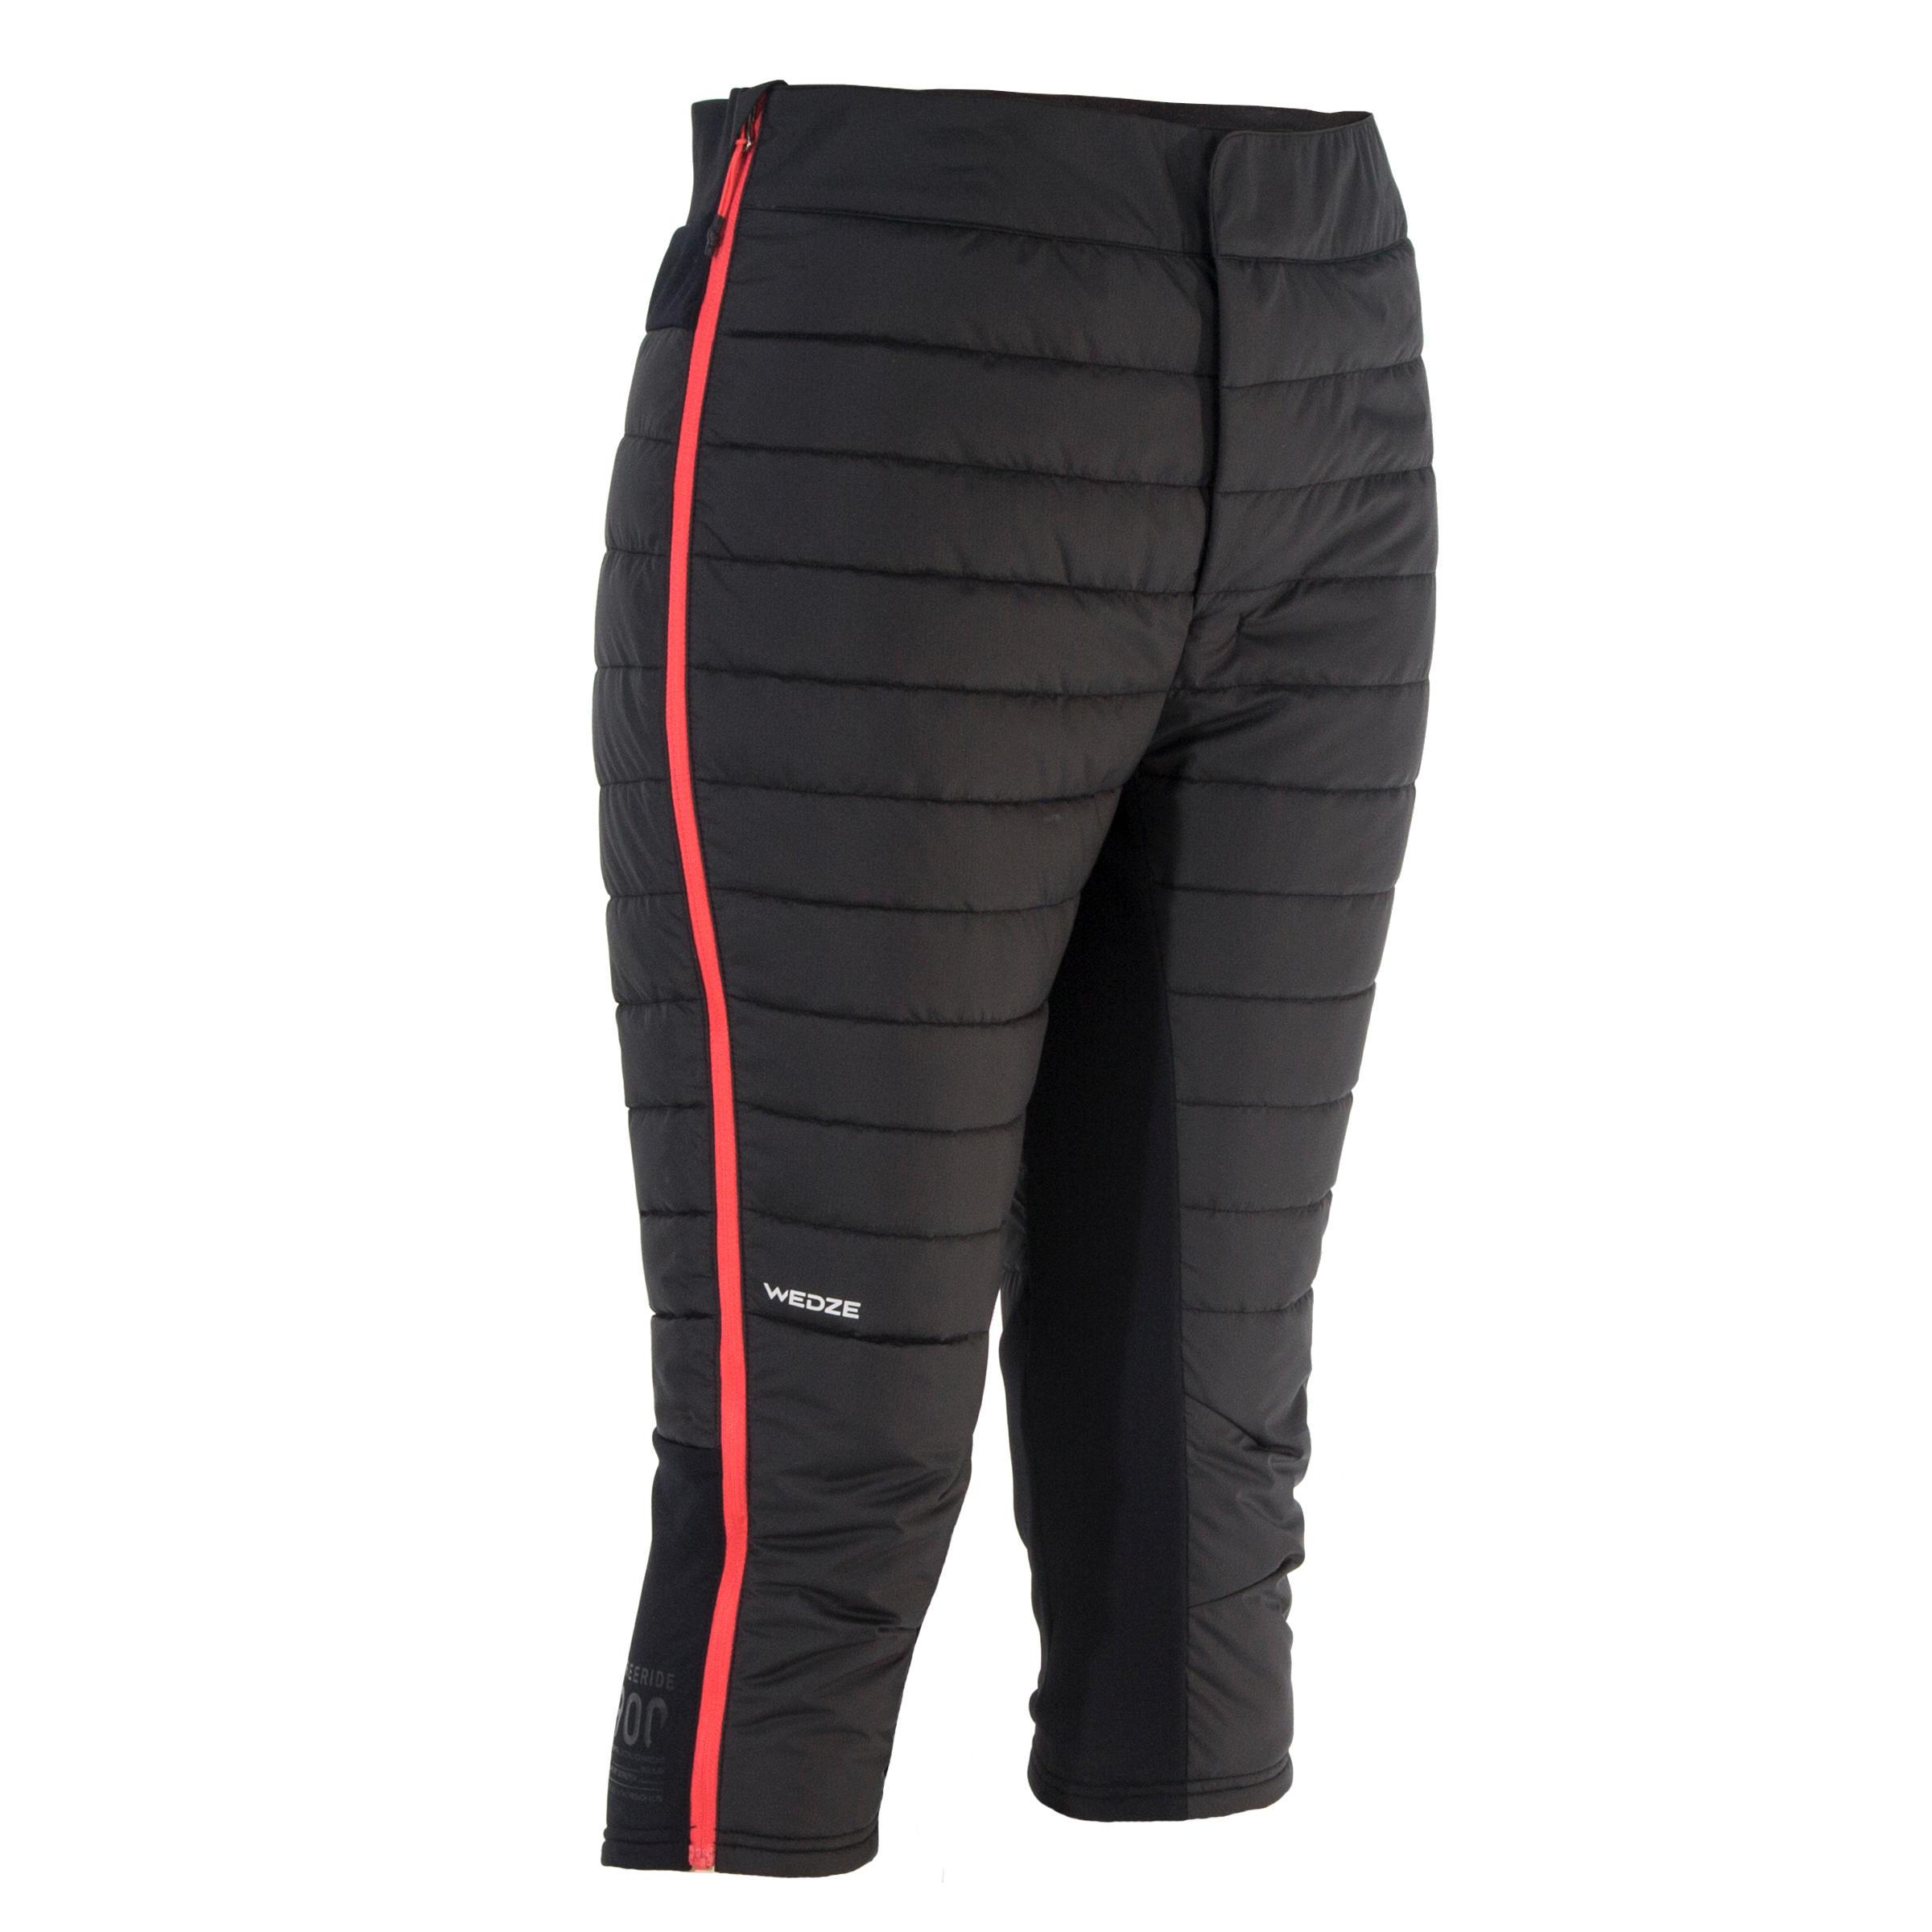 Skiunterhose SFR 900 Damen schwarz | Sportbekleidung > Funktionswäsche > Thermounterwäsche | Grau | Wed´ze